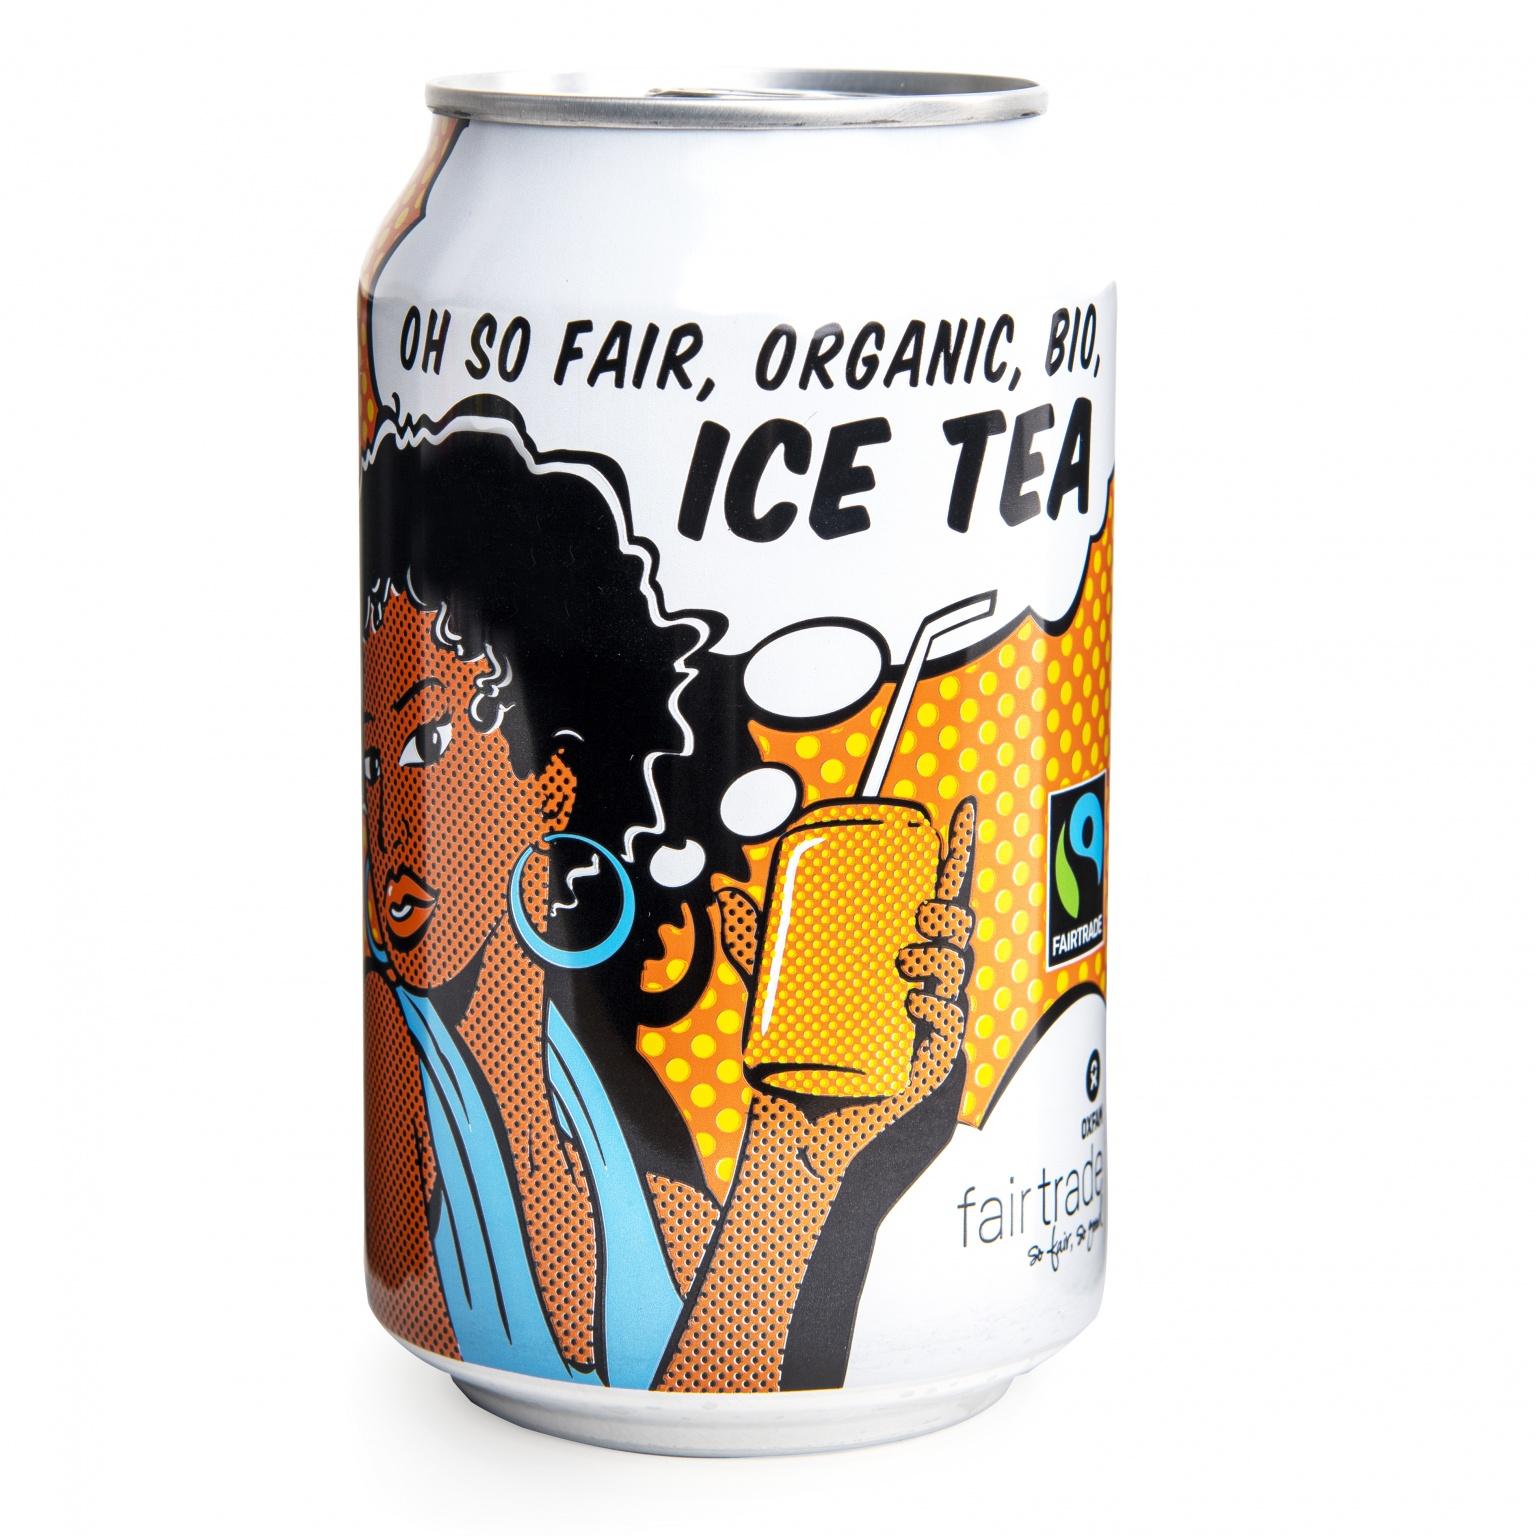 Oxfam Fair Trade 21500